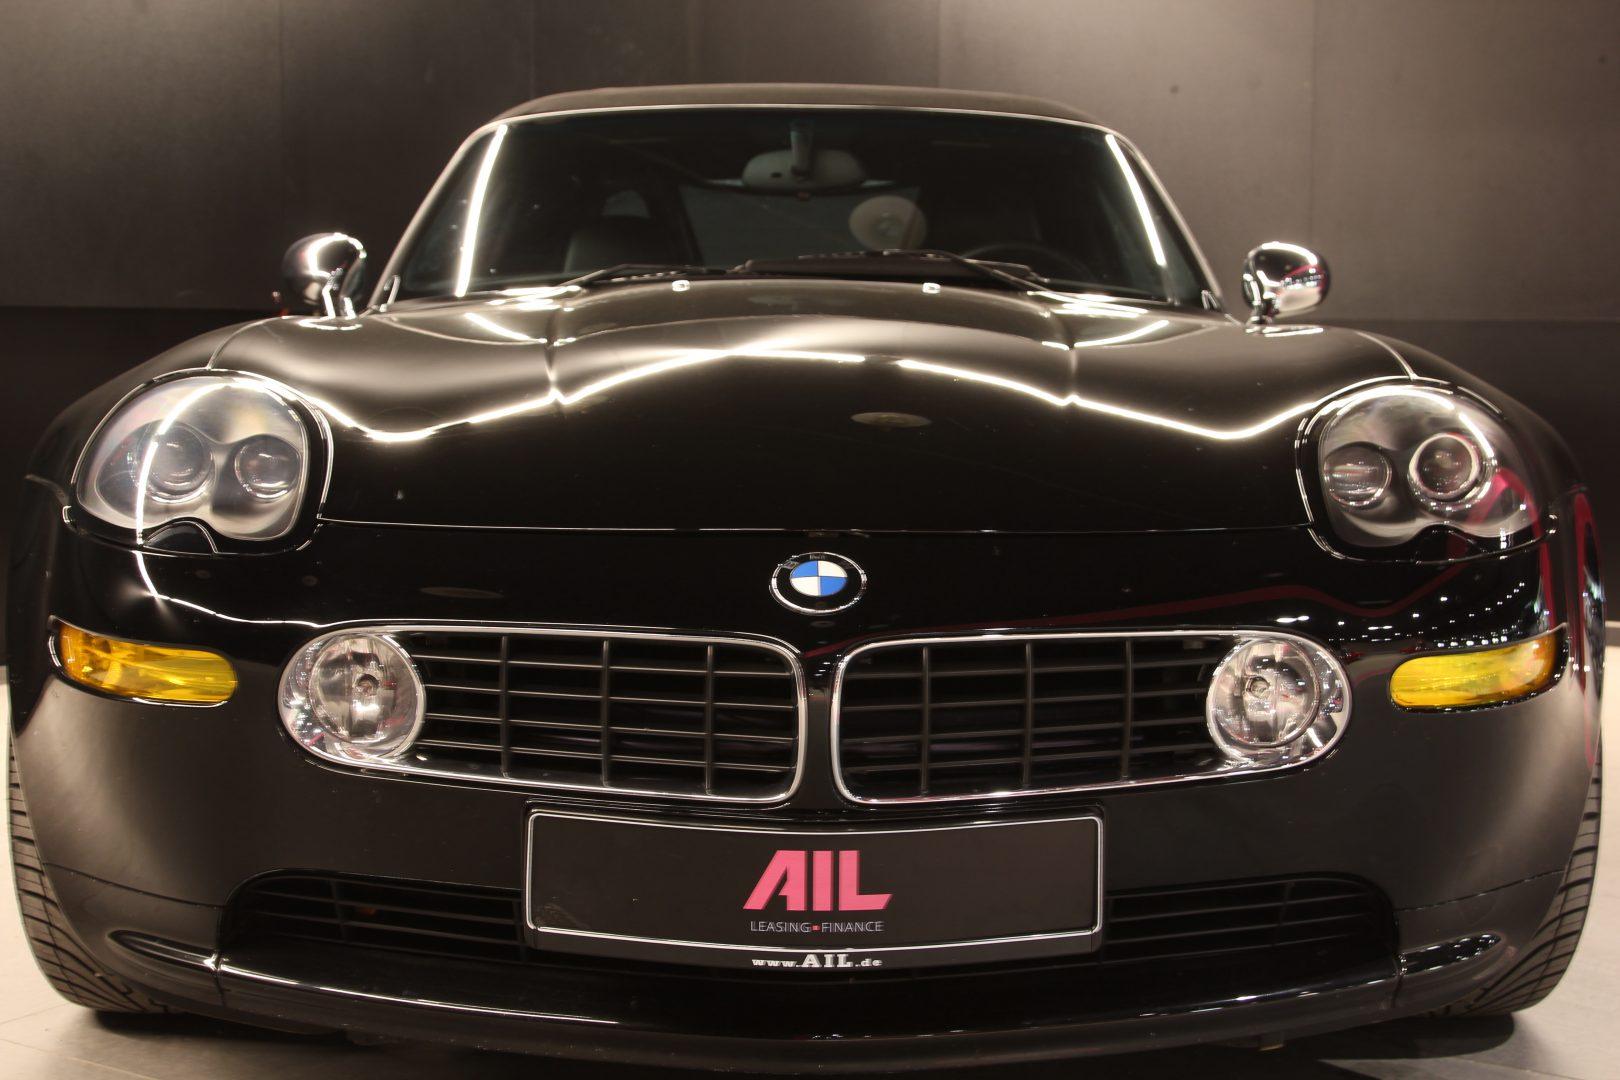 AIL BMW Z8 Performance Paket 5.0 V8 2